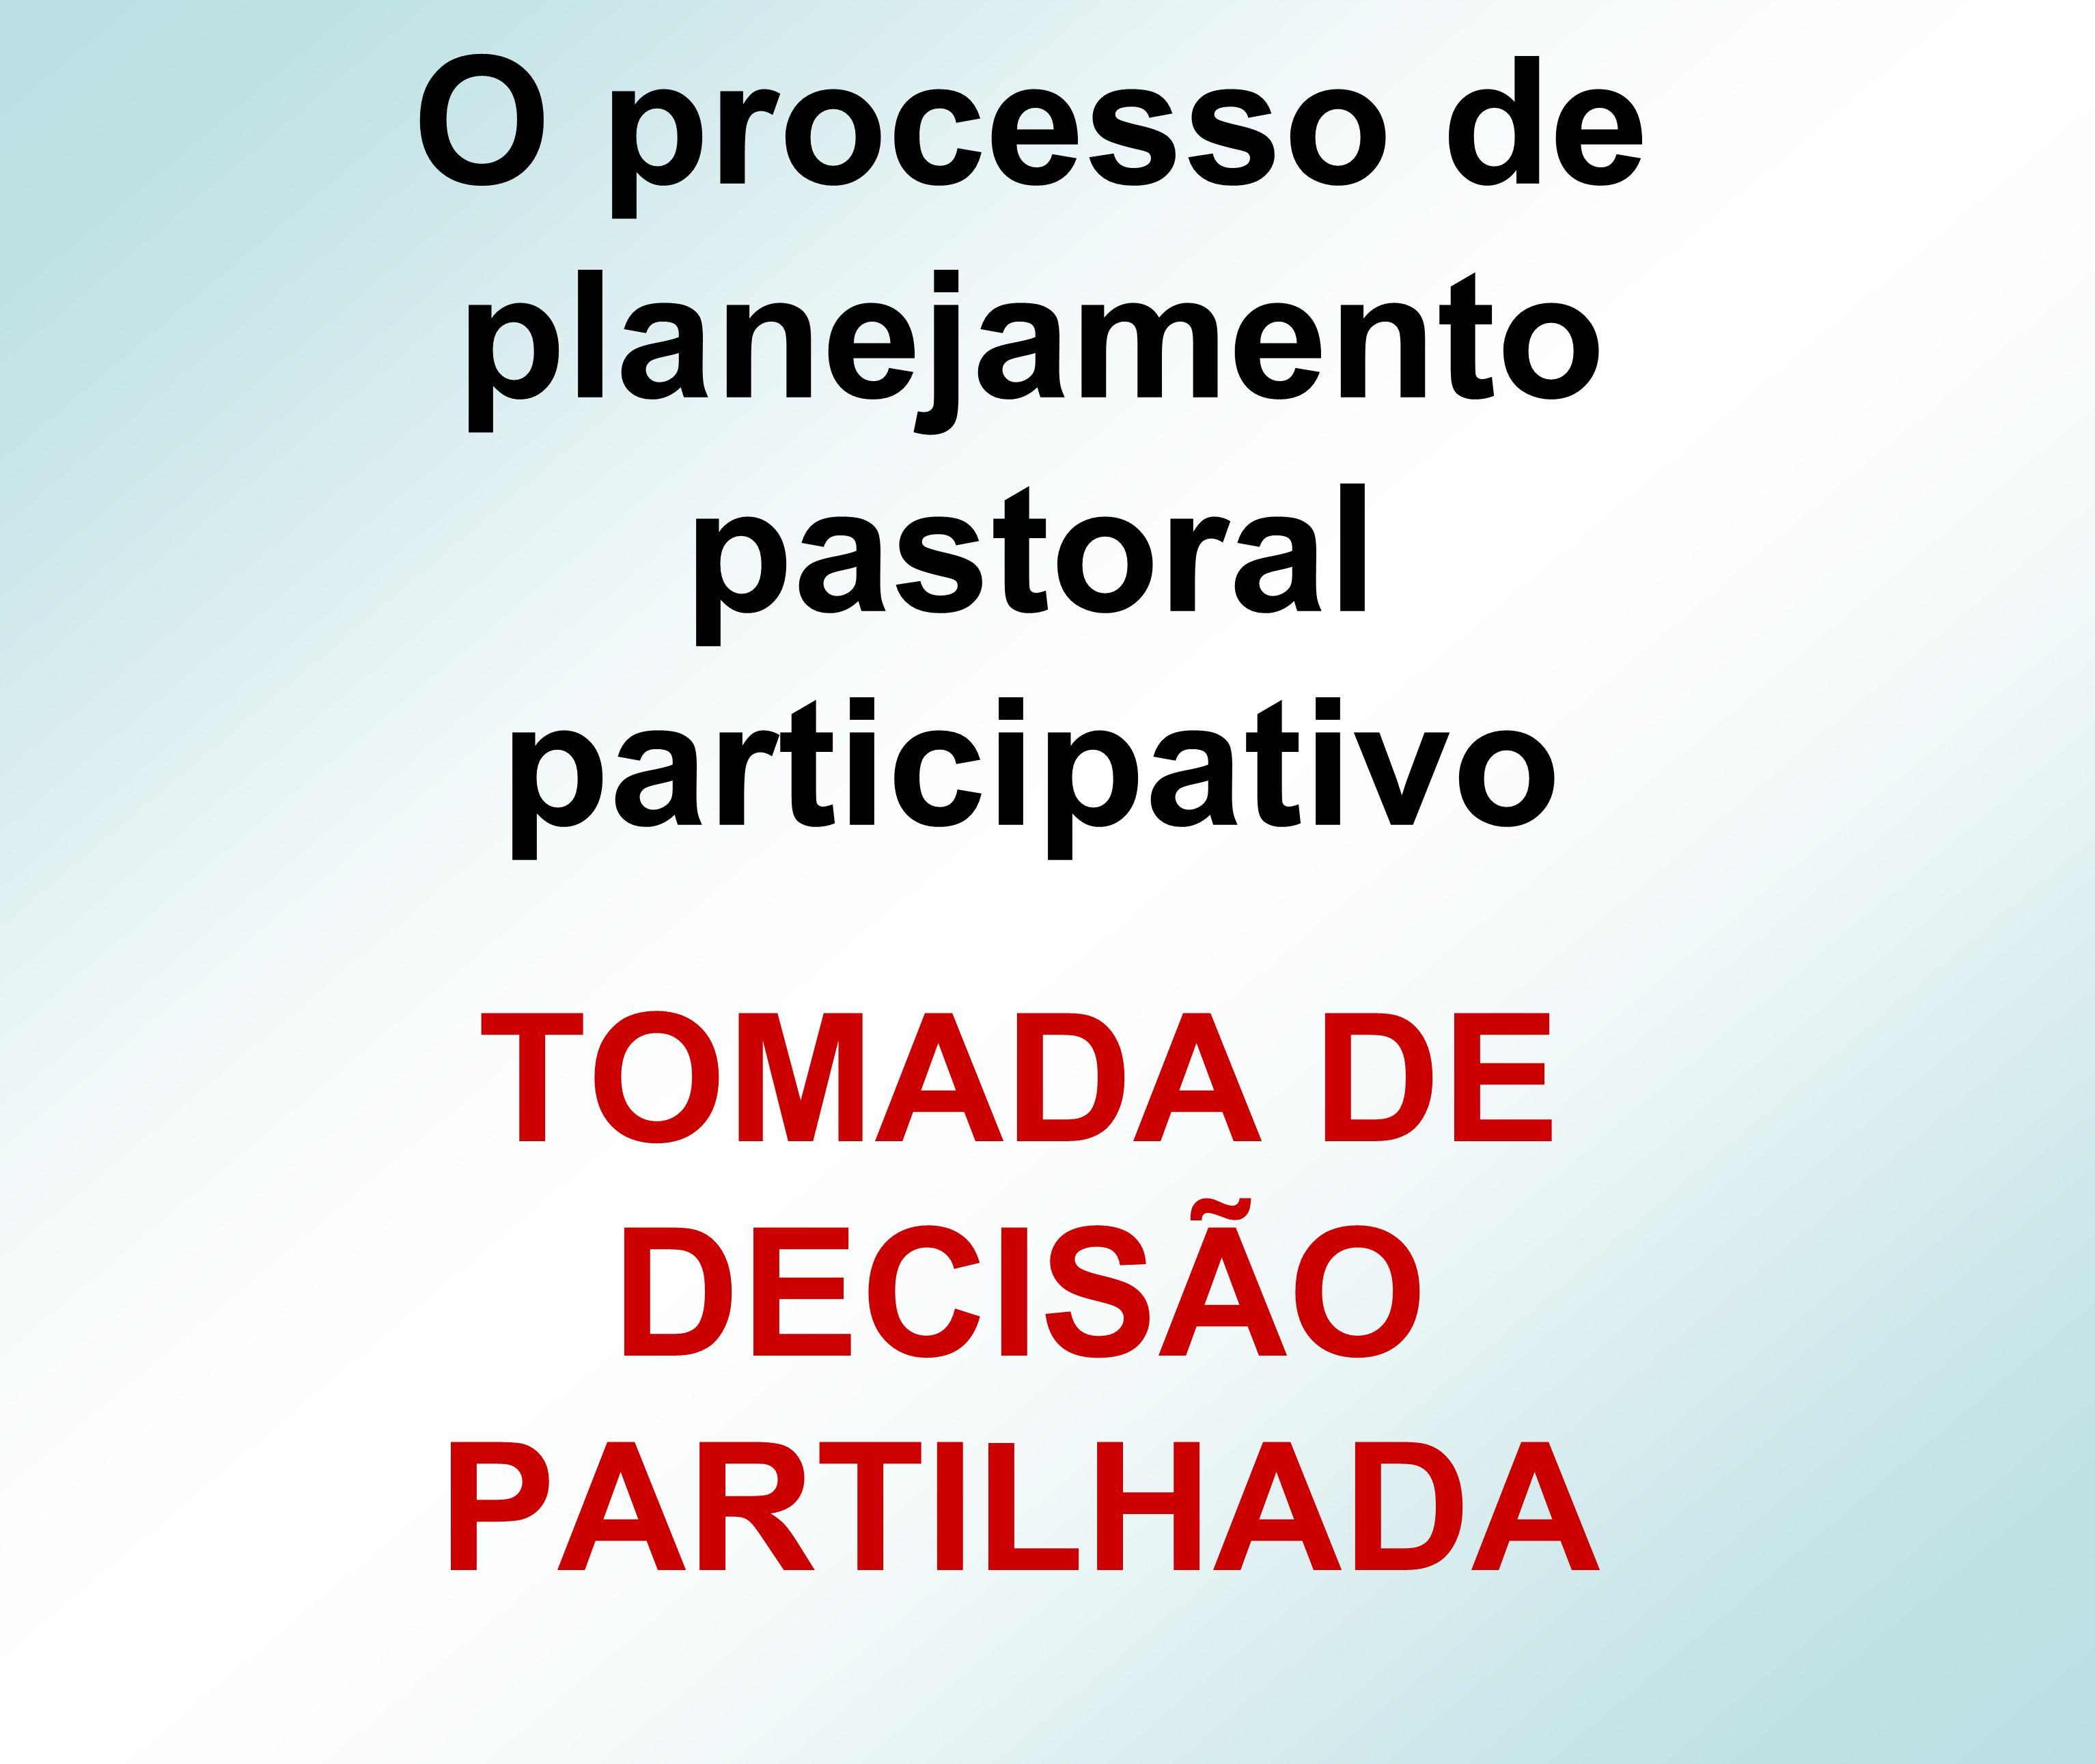 O processo de planejamento pastoral participativo